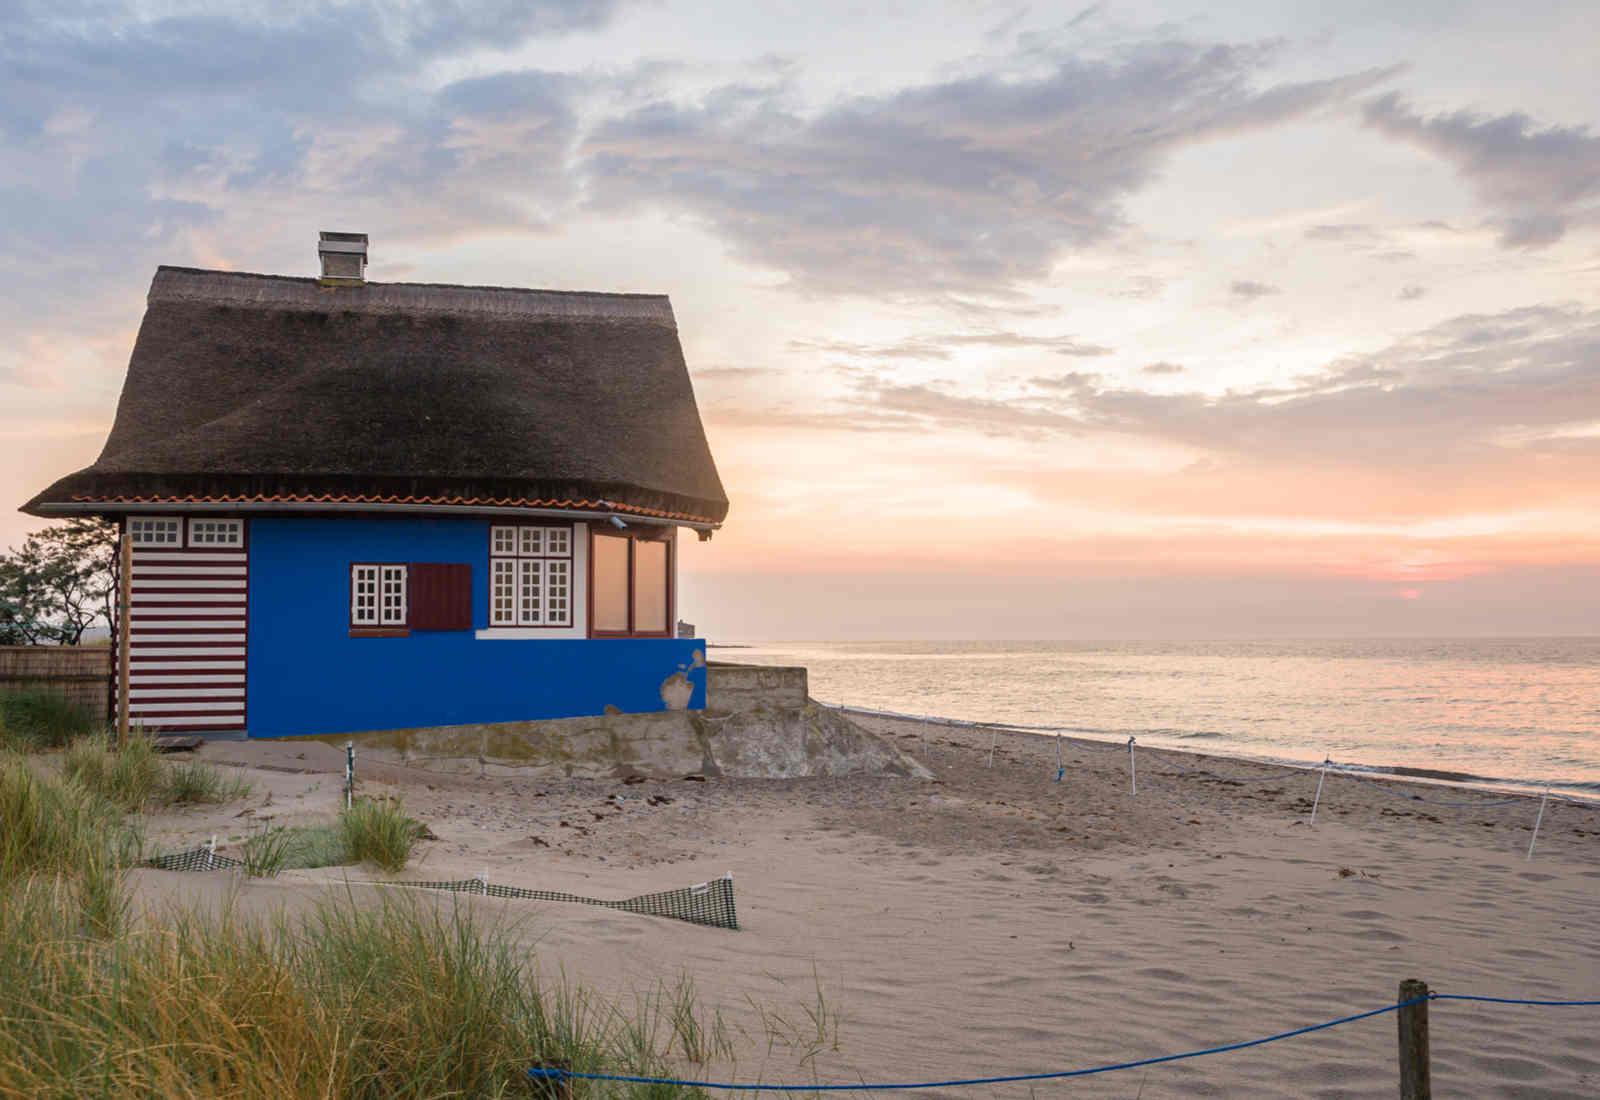 Ferienwohnungen Und Ferienhauser Jetzt Gunstig Bei Weg De Buchen